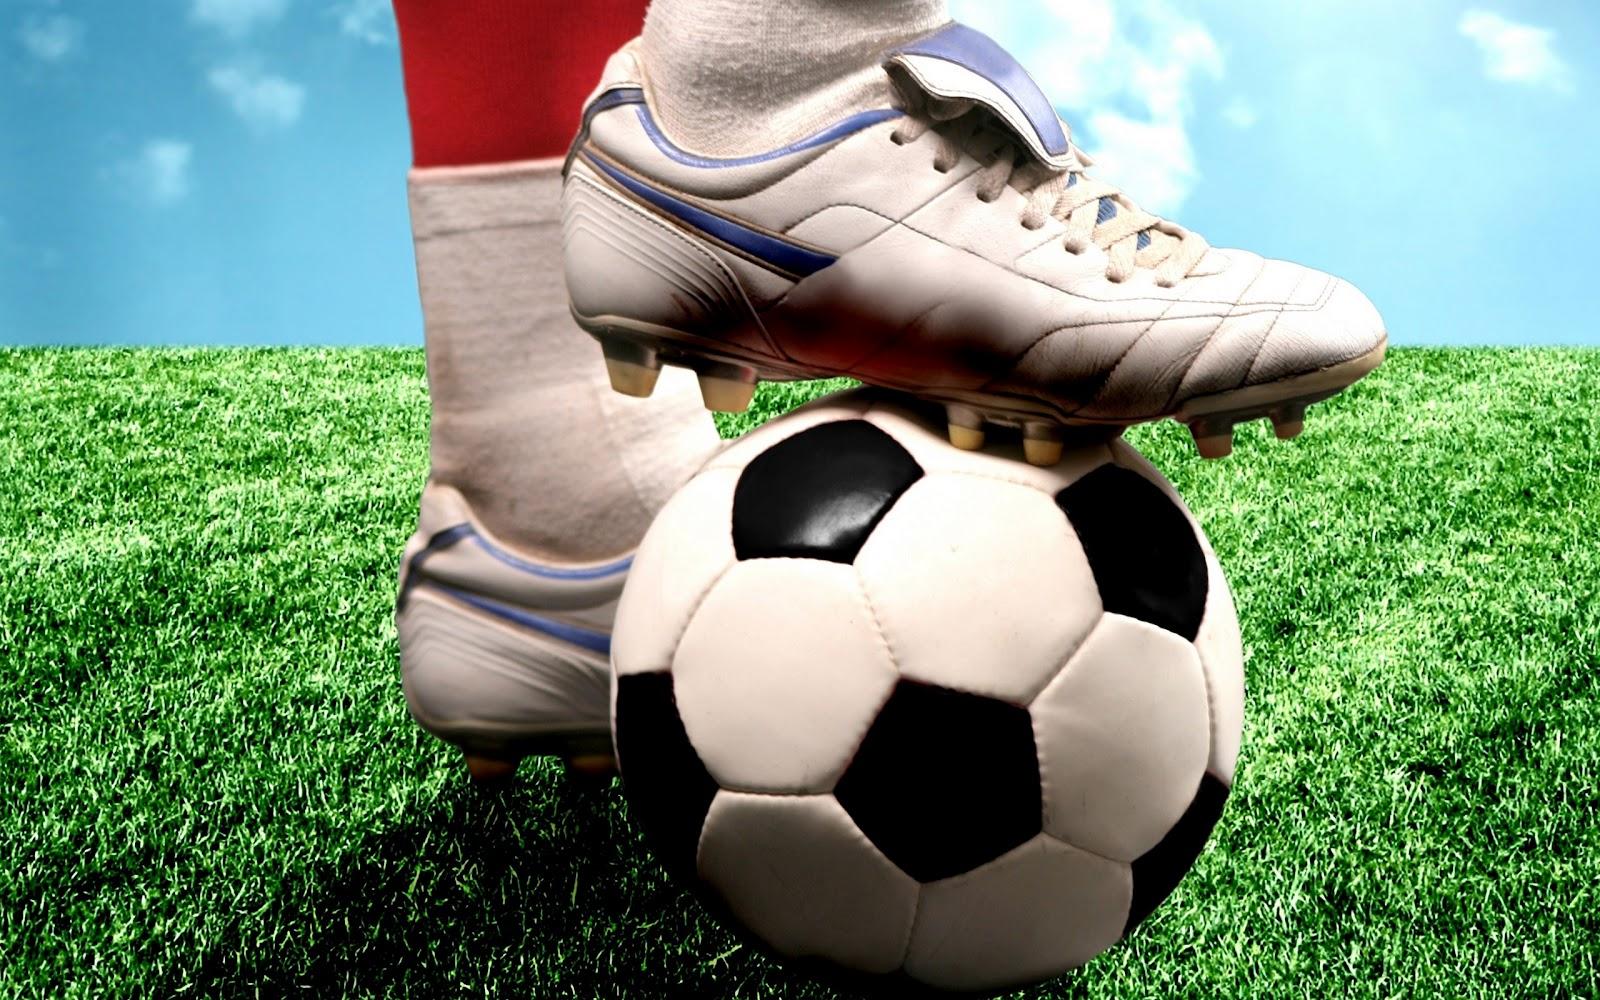 Hình nền thể thao - Chân sút cừ khôi